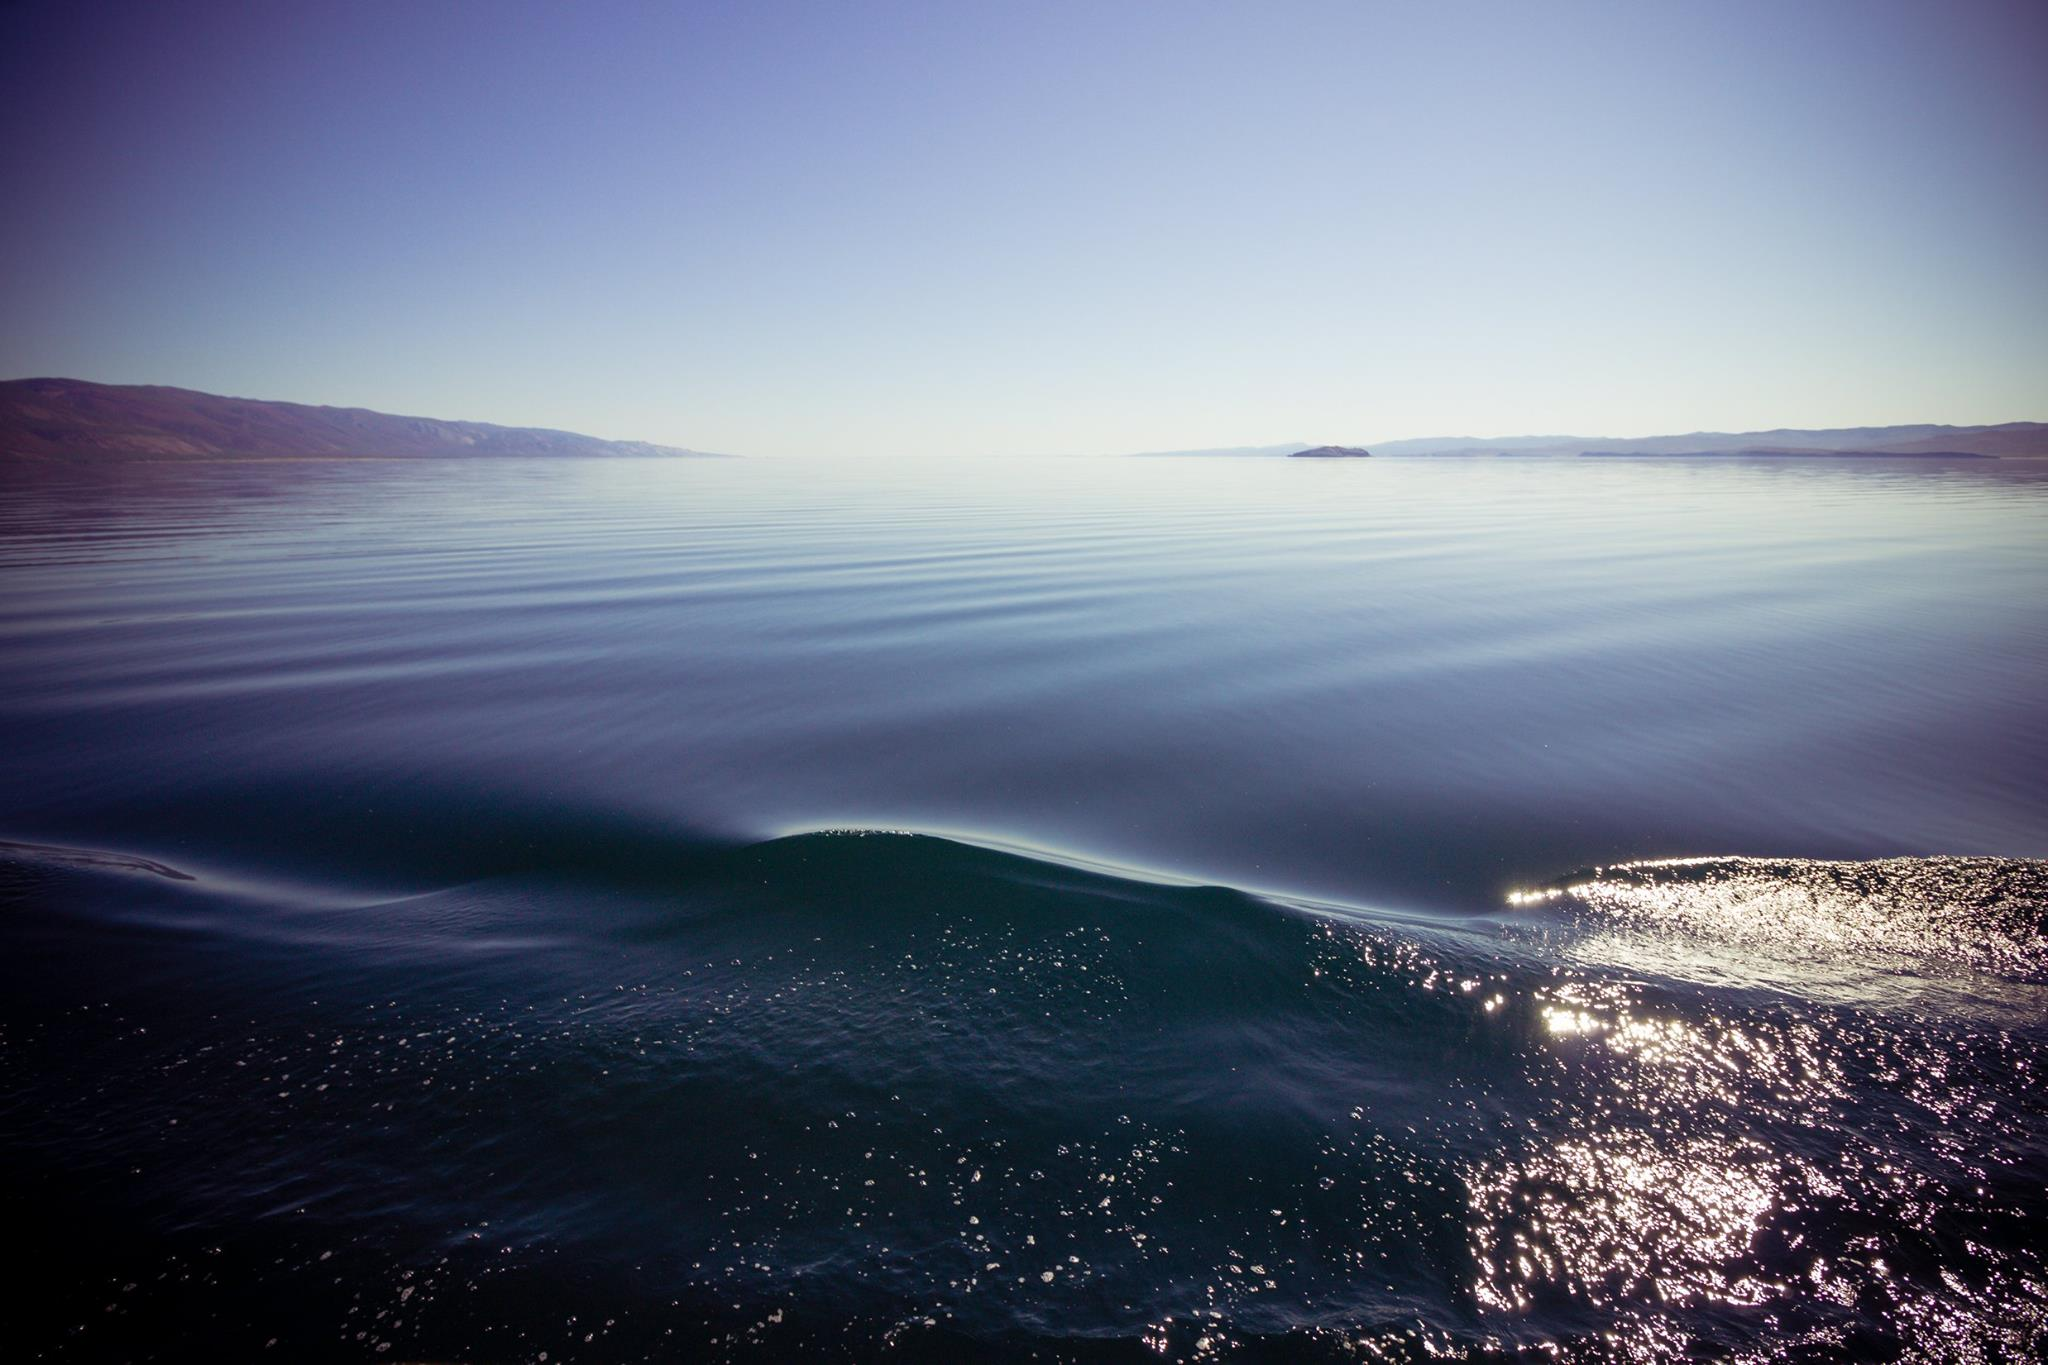 Според Бялата книга на езерото Байкал, издадена с подкрепата на програма за развитие на ООН, има около 40 неправителствени организации, които работят активно за запознаването на света с този проблем и за защита на това природно богатство, което принадлежи не само на Русия, но и на целия свят.